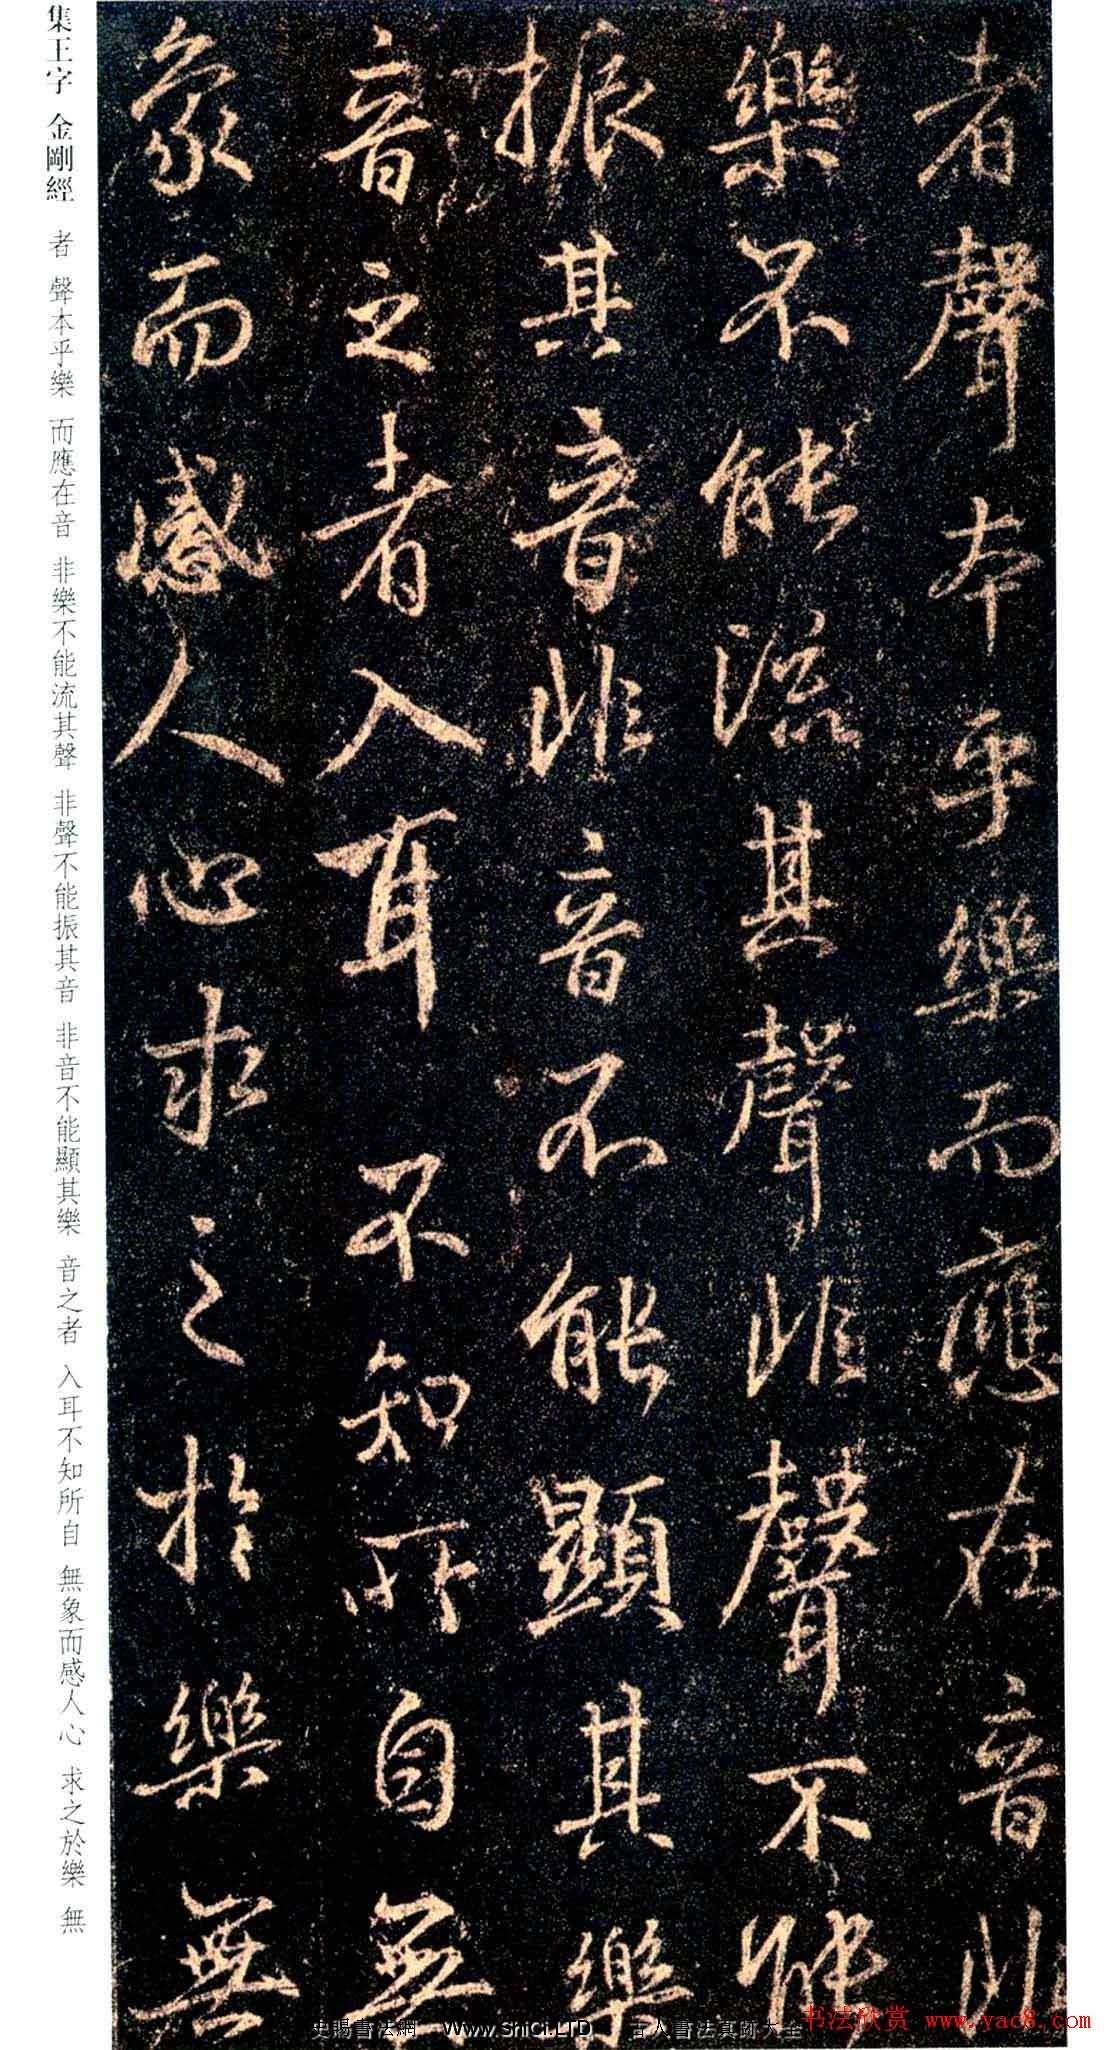 唐代の行書の碑文「新集王羲之書金剛経」(全部で111枚の写真)